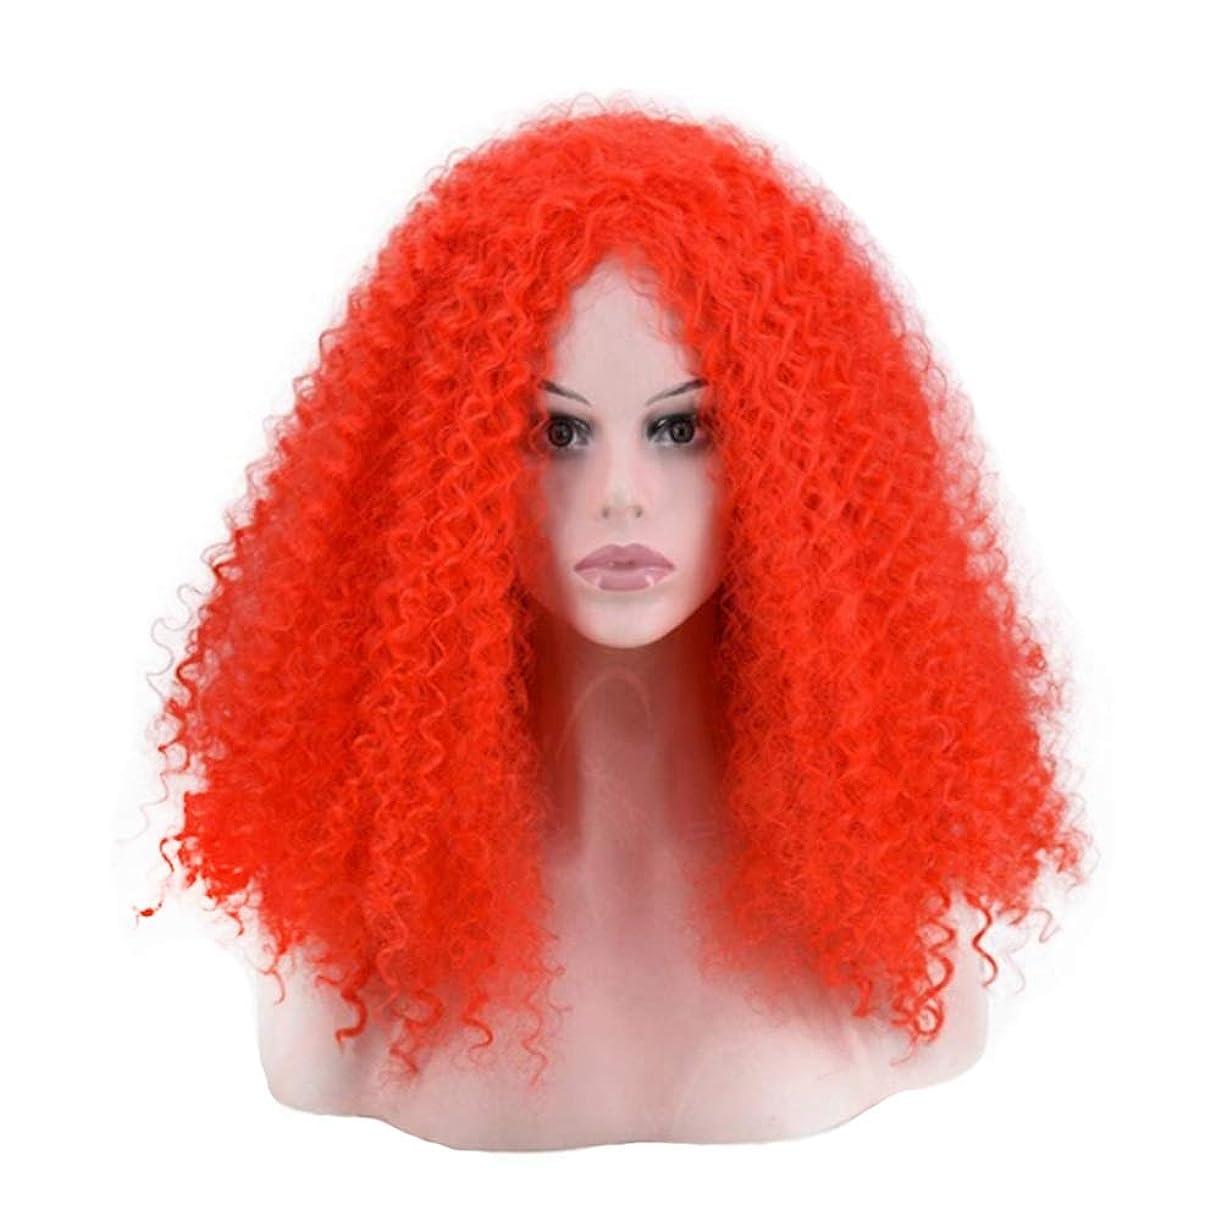 かつら - ファッションロングロール高温シルクウィッグパーティーハロウィンロールプレイ40cm赤 (色 : Red, サイズ さいず : 40cm)